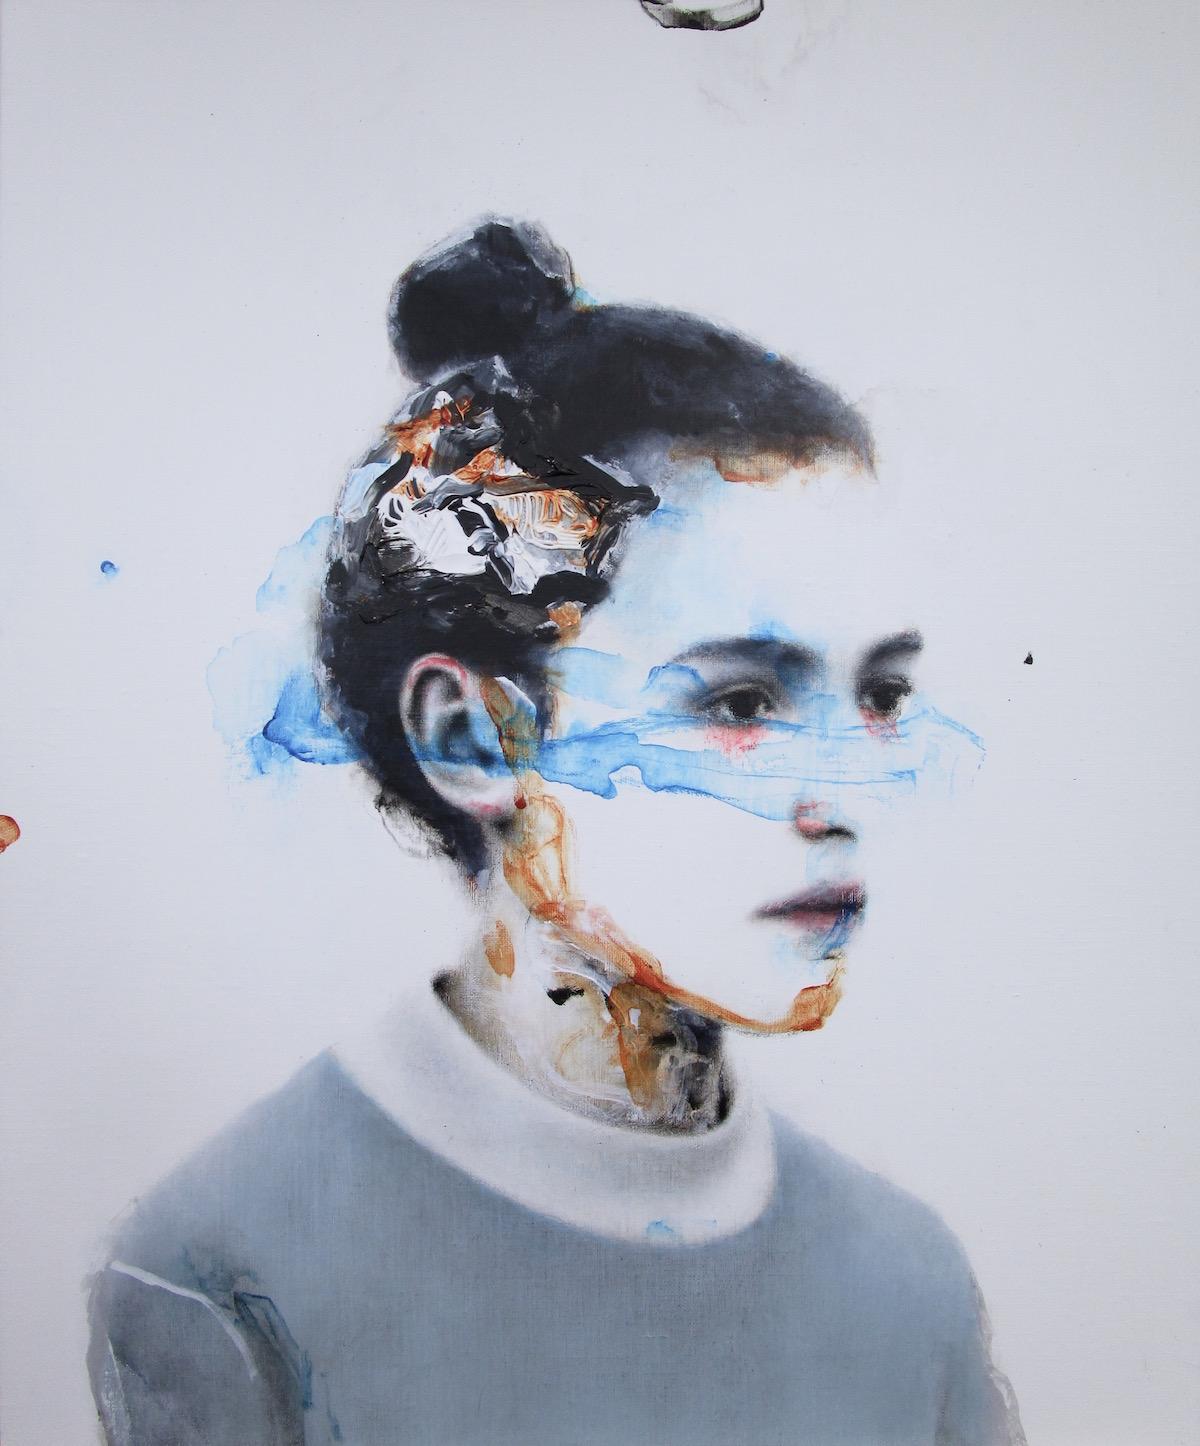 antoine cordet canvas toile peinture painting portrait art artist artiste peintre acrylic oil one thousand minutes